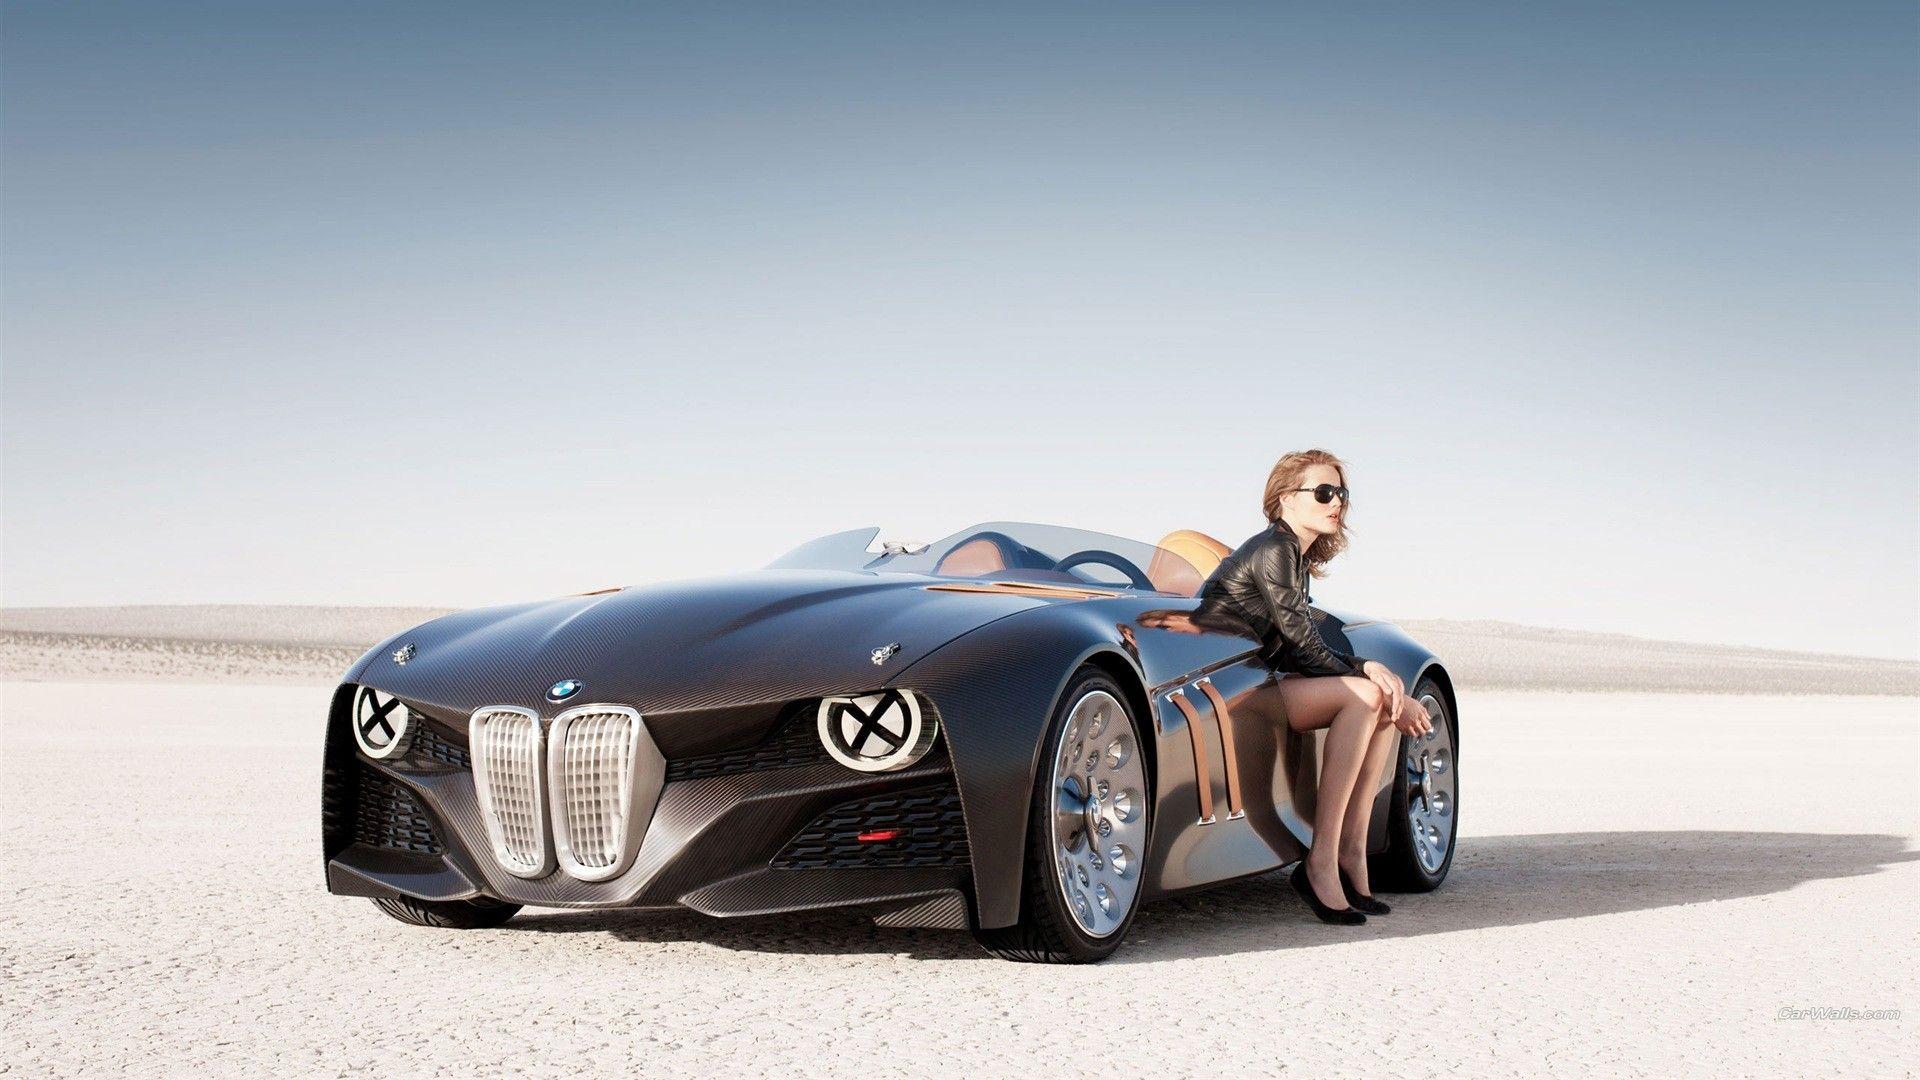 Pin Di Cars Luxury Rides